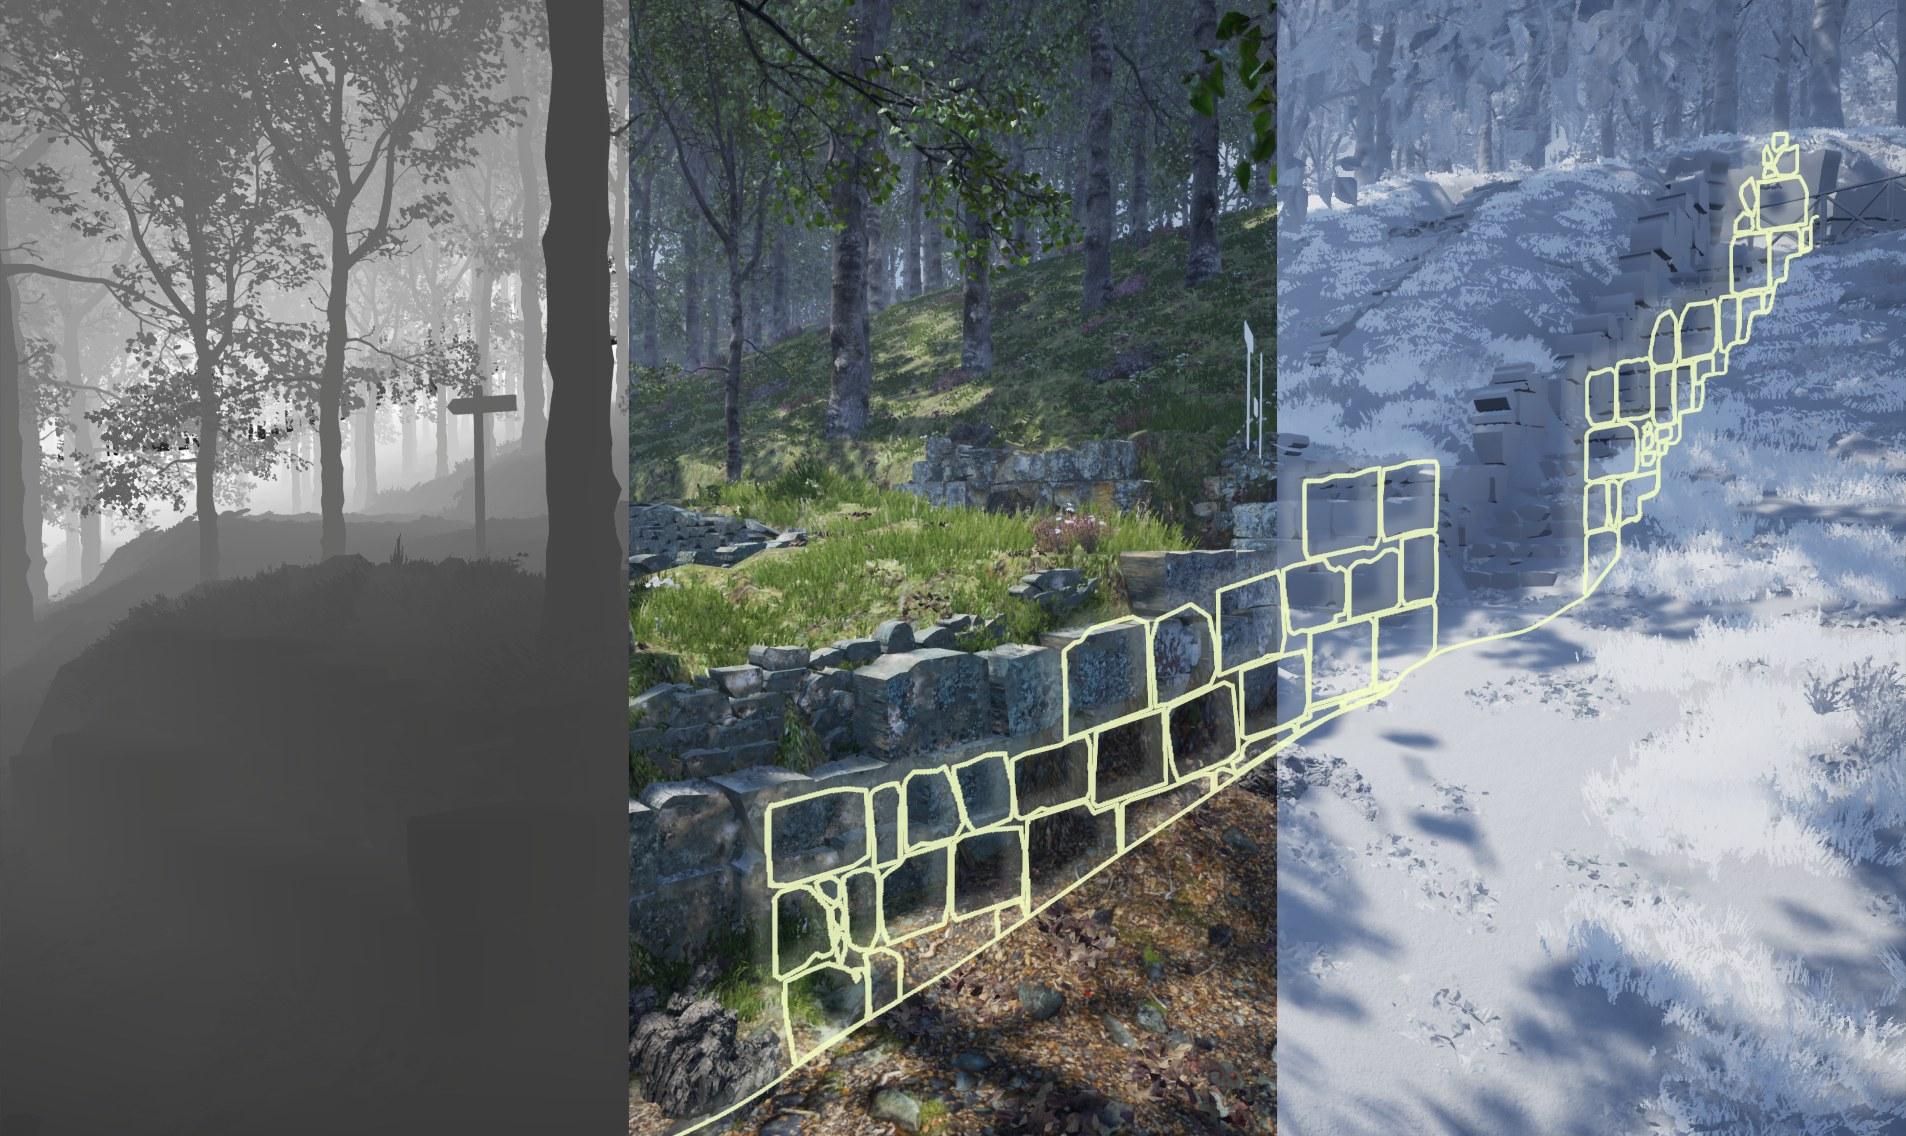 Italienische Höhensiedlung in der Unreal Engine rekonstruiert